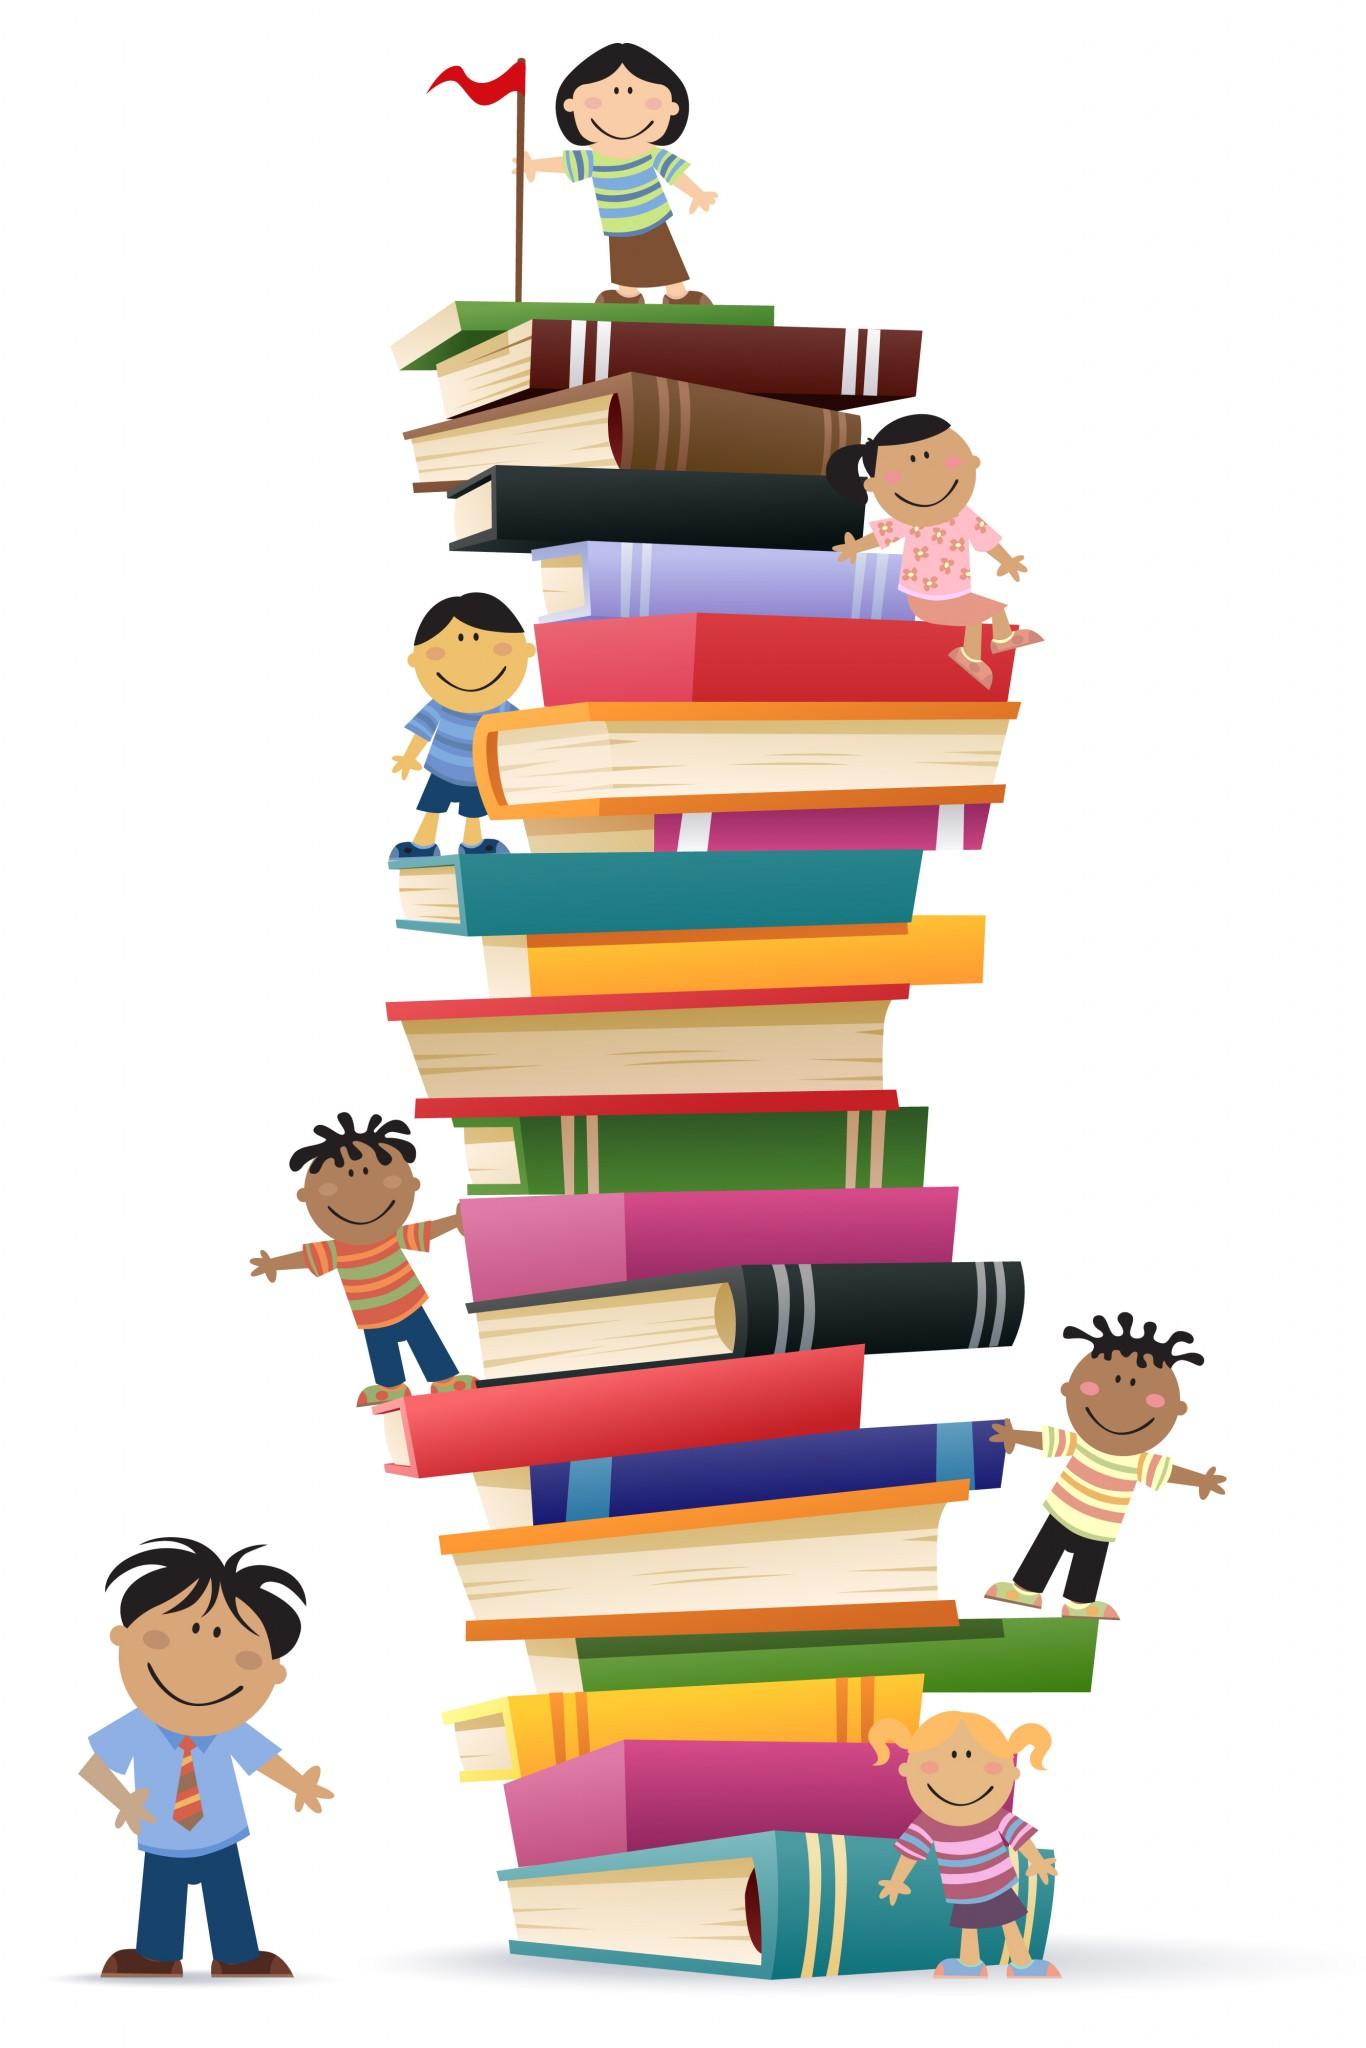 شعر در مورد عینک شعر کودکانه در مورد کتاب